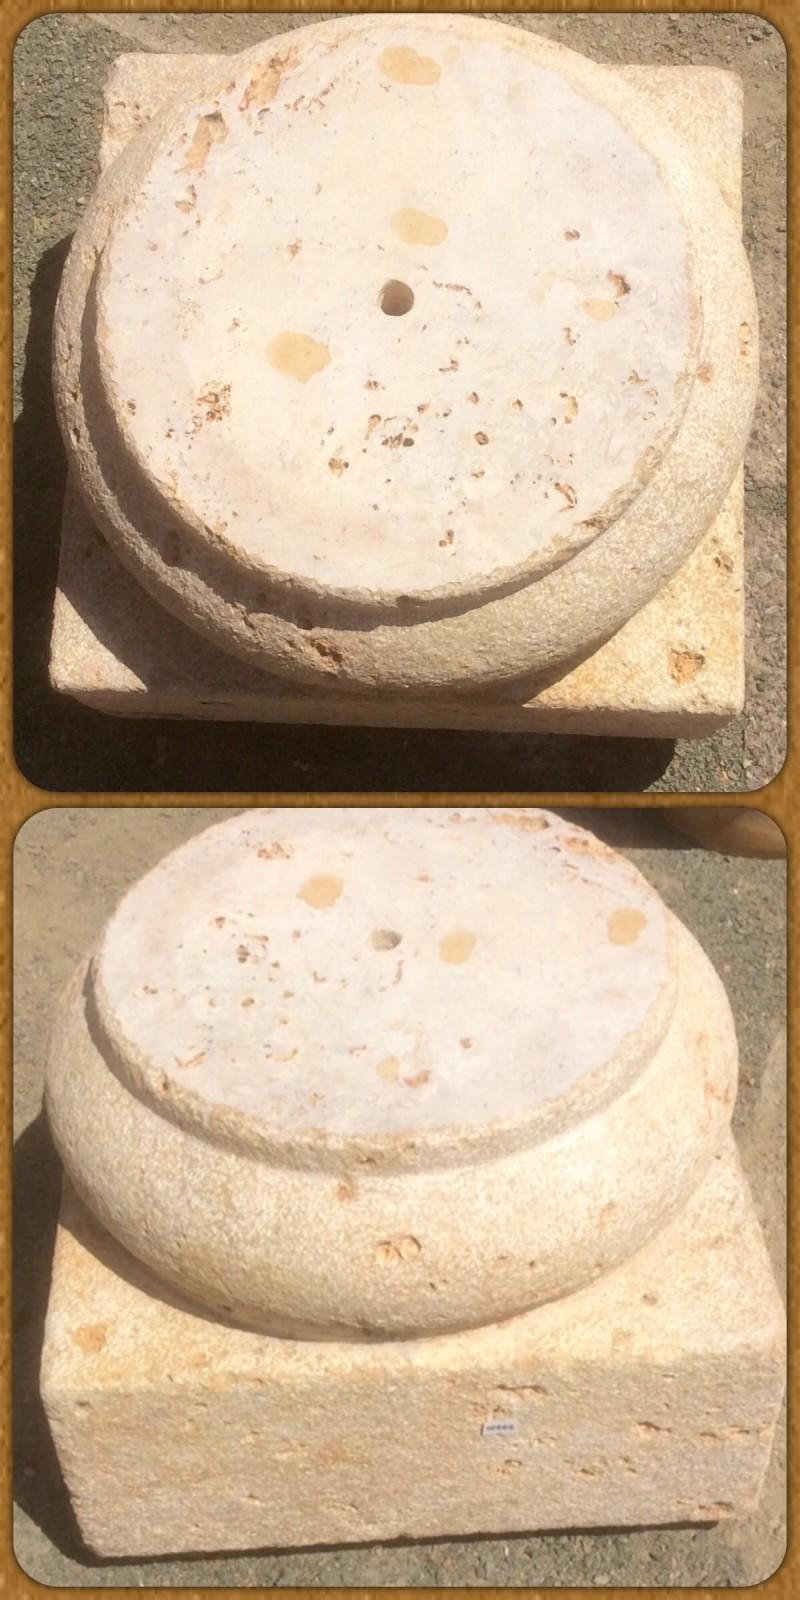 Bases de piedra sueltas, hay dos iguales. Piedra acabado abujardado. Miden 40x40x33 cm de altura.